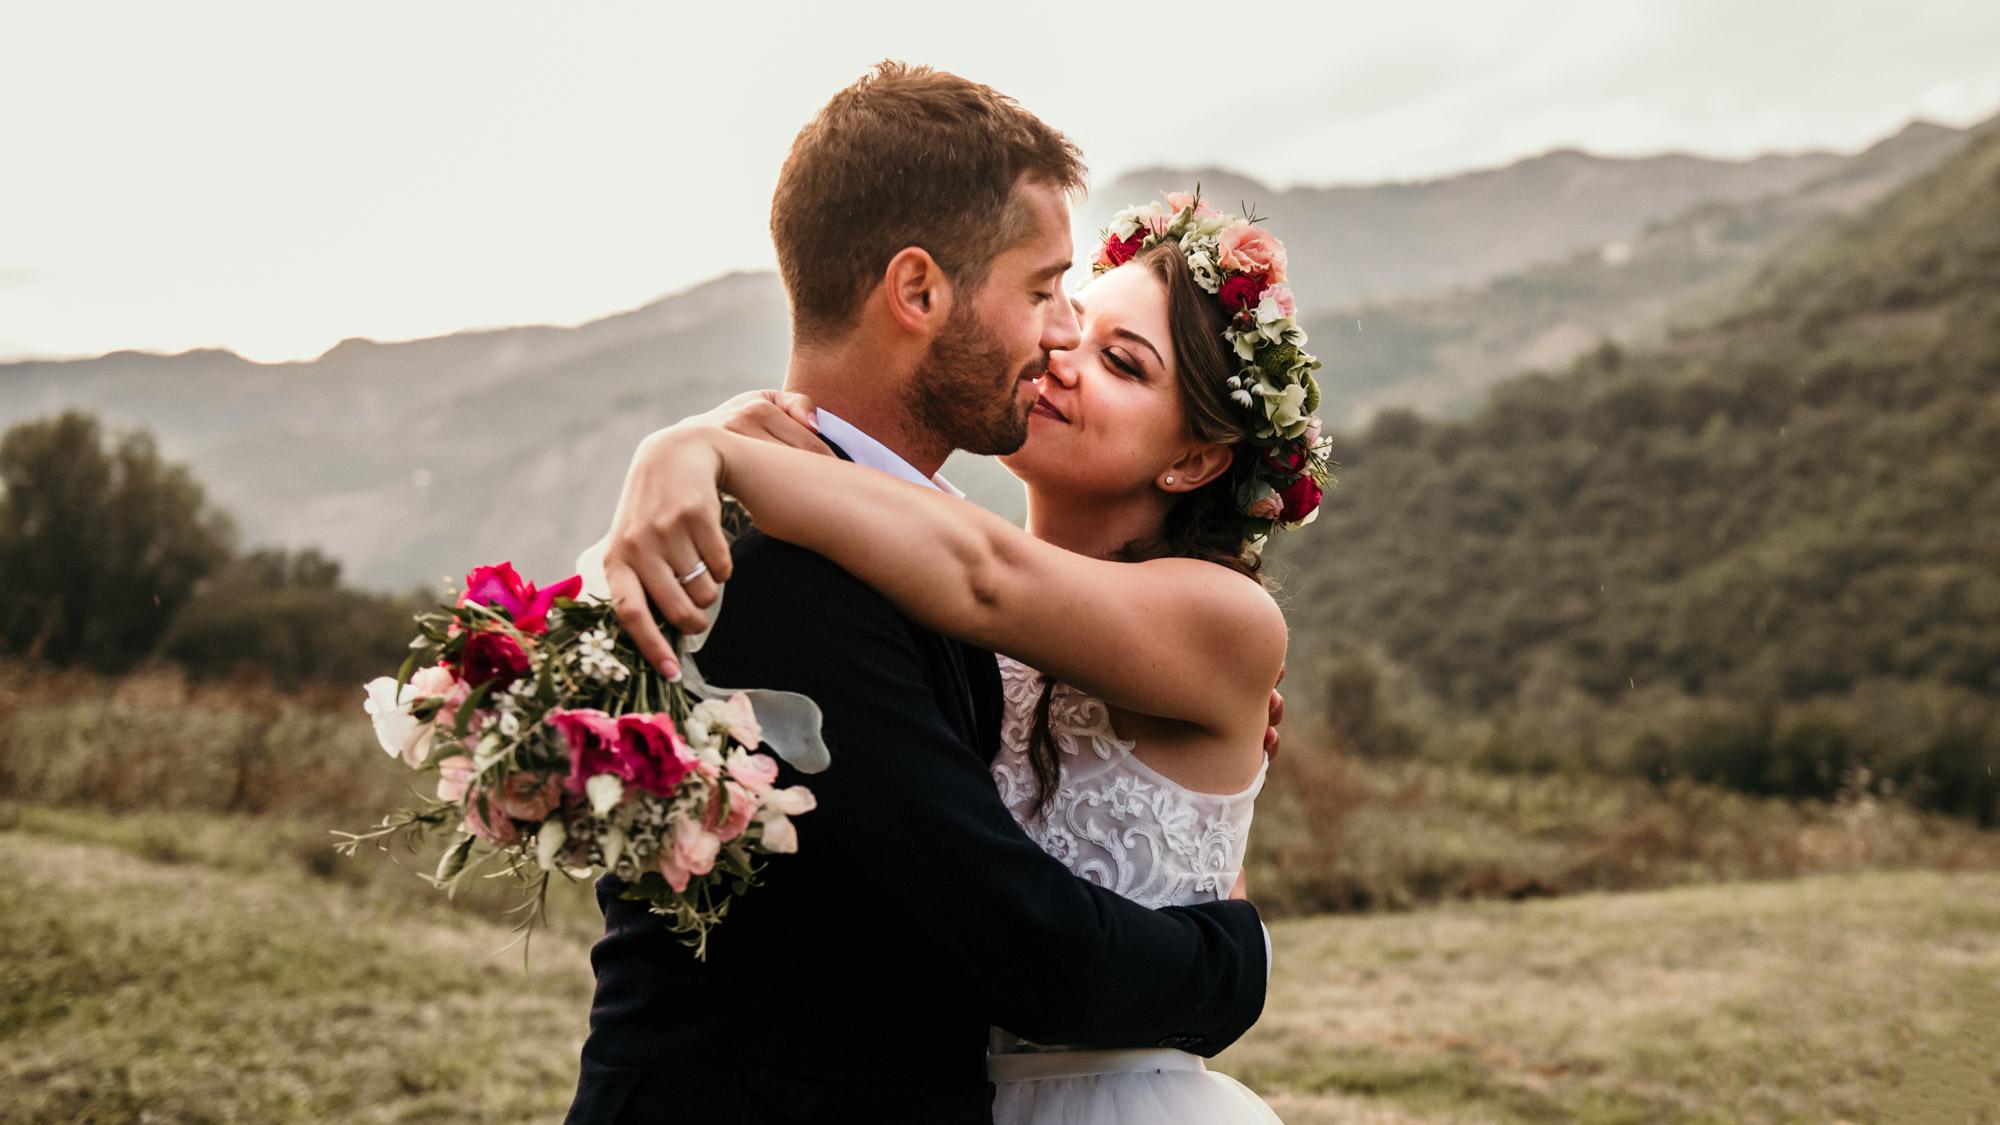 Studio fotografico a Bologna, Matrimonio al tramonto sui colli bolognesi con bouquet